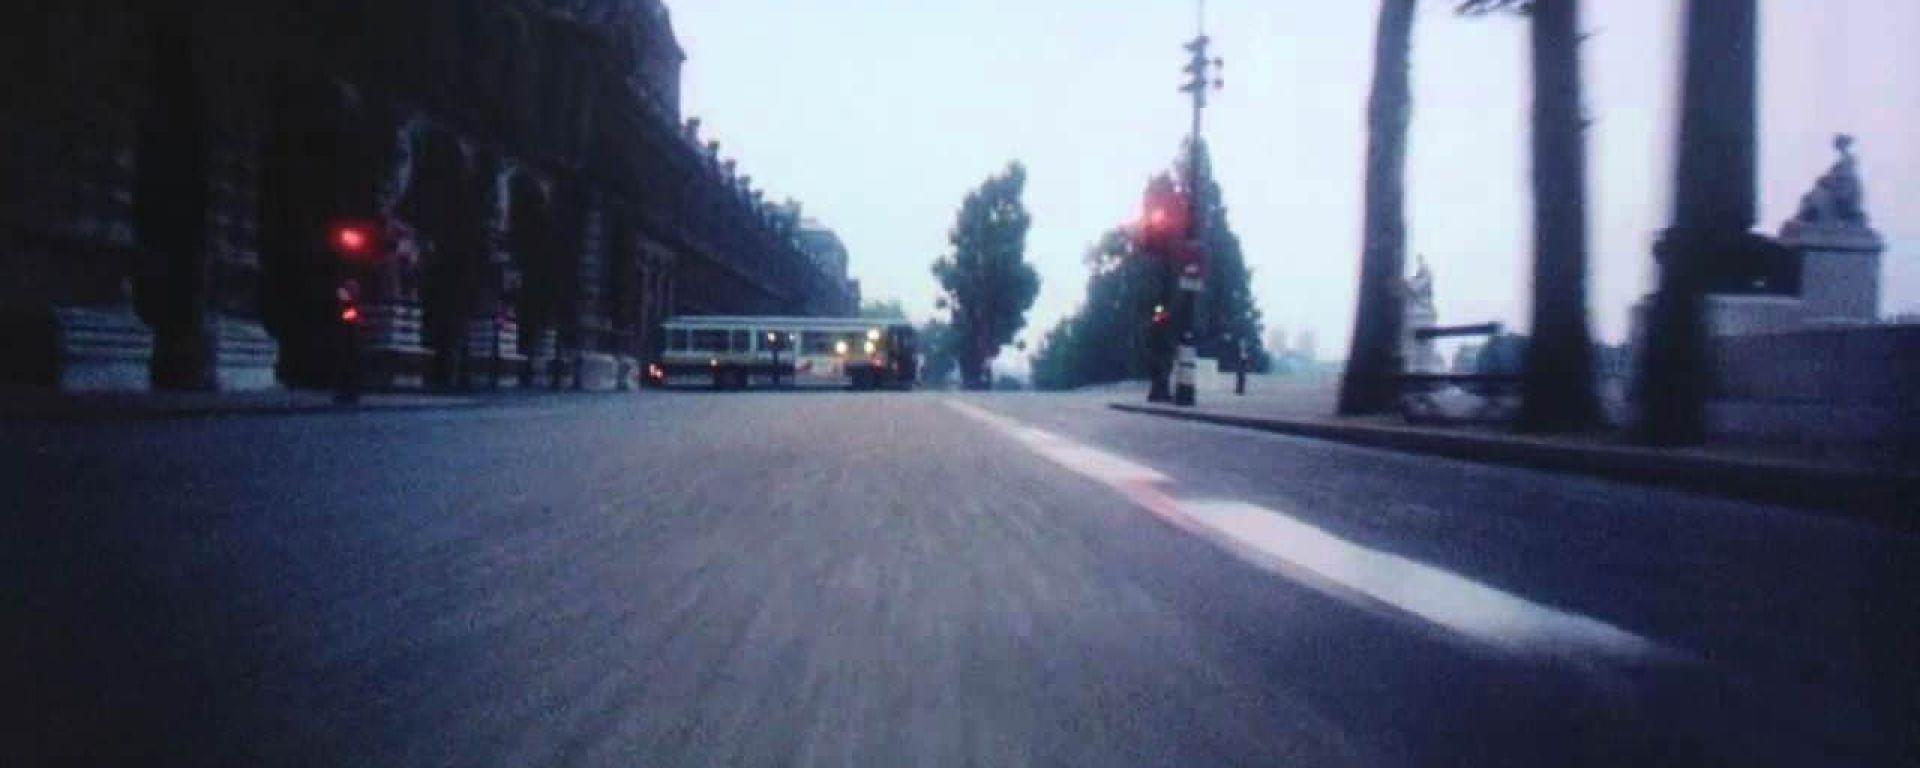 C'etait un rendez vous, il mitico cortometraggio di Claude Lelouch